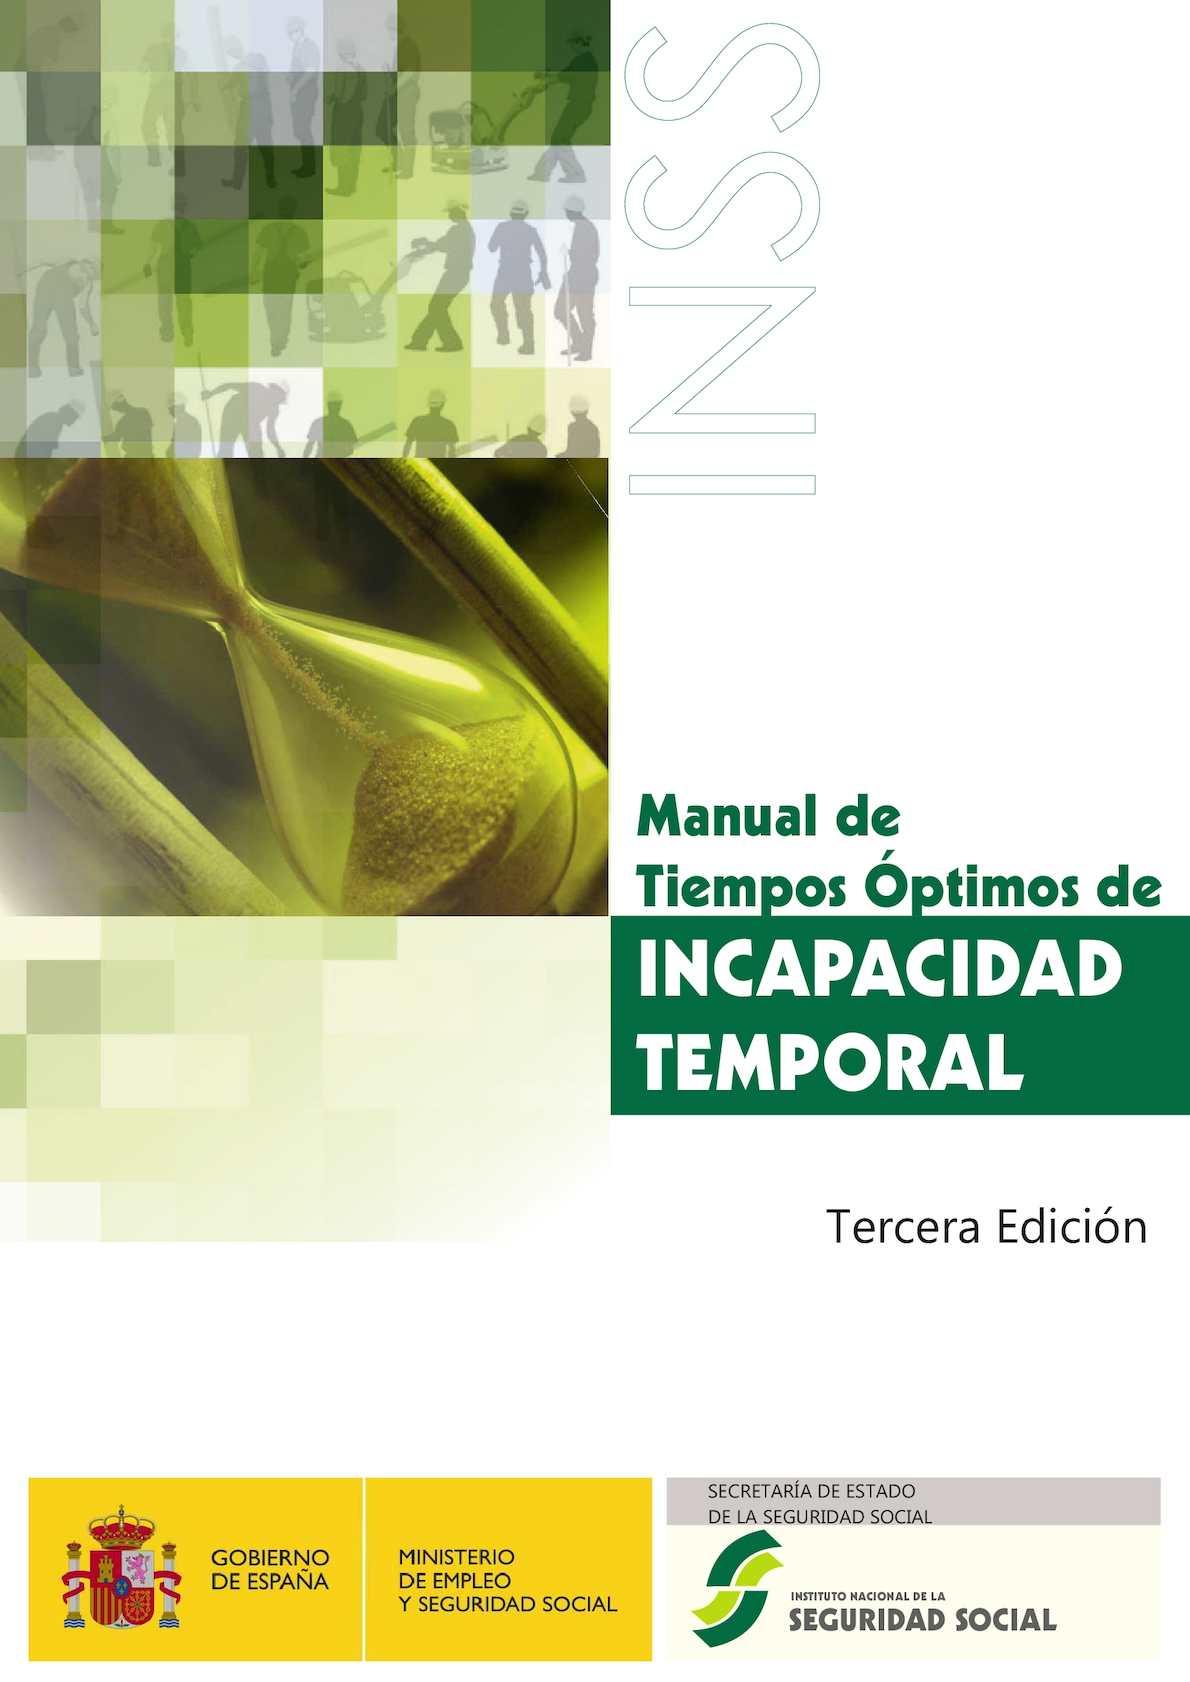 Código icd 9 para obstrucción uretral